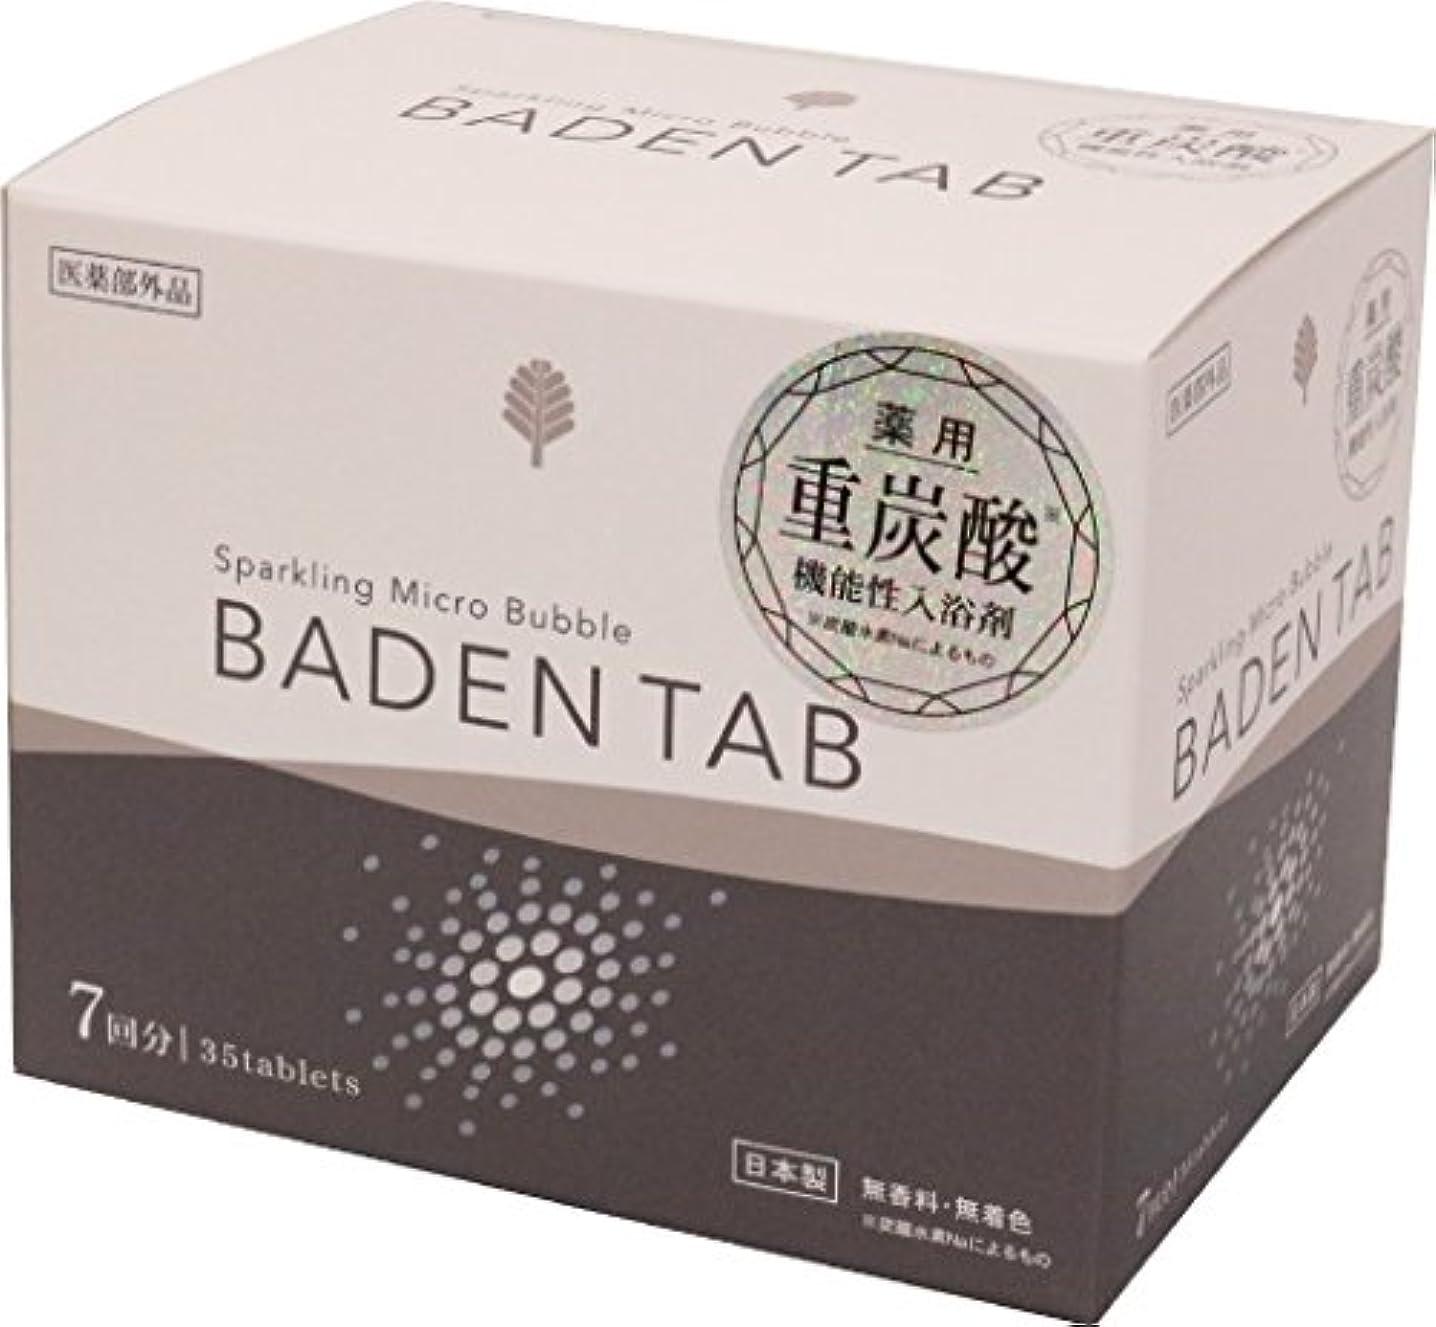 縁国籍共感する日本製 made in japan 薬用BadenTab5錠7パック15gx35錠入 BT-8756 【まとめ買い6個セット】